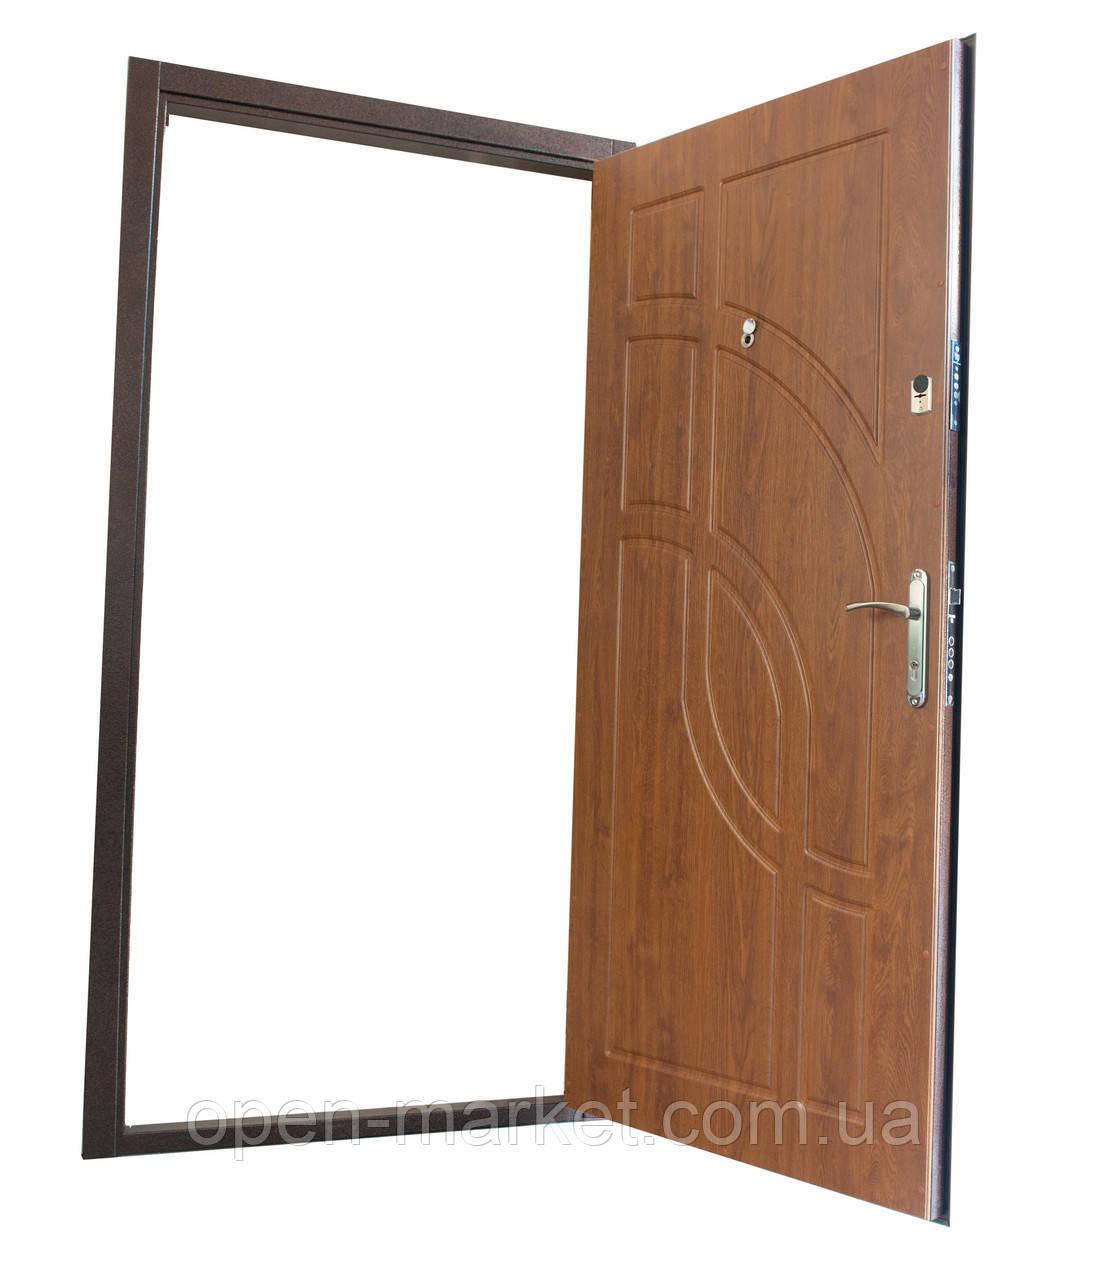 Двери уличные Ульяновка Николаевская область